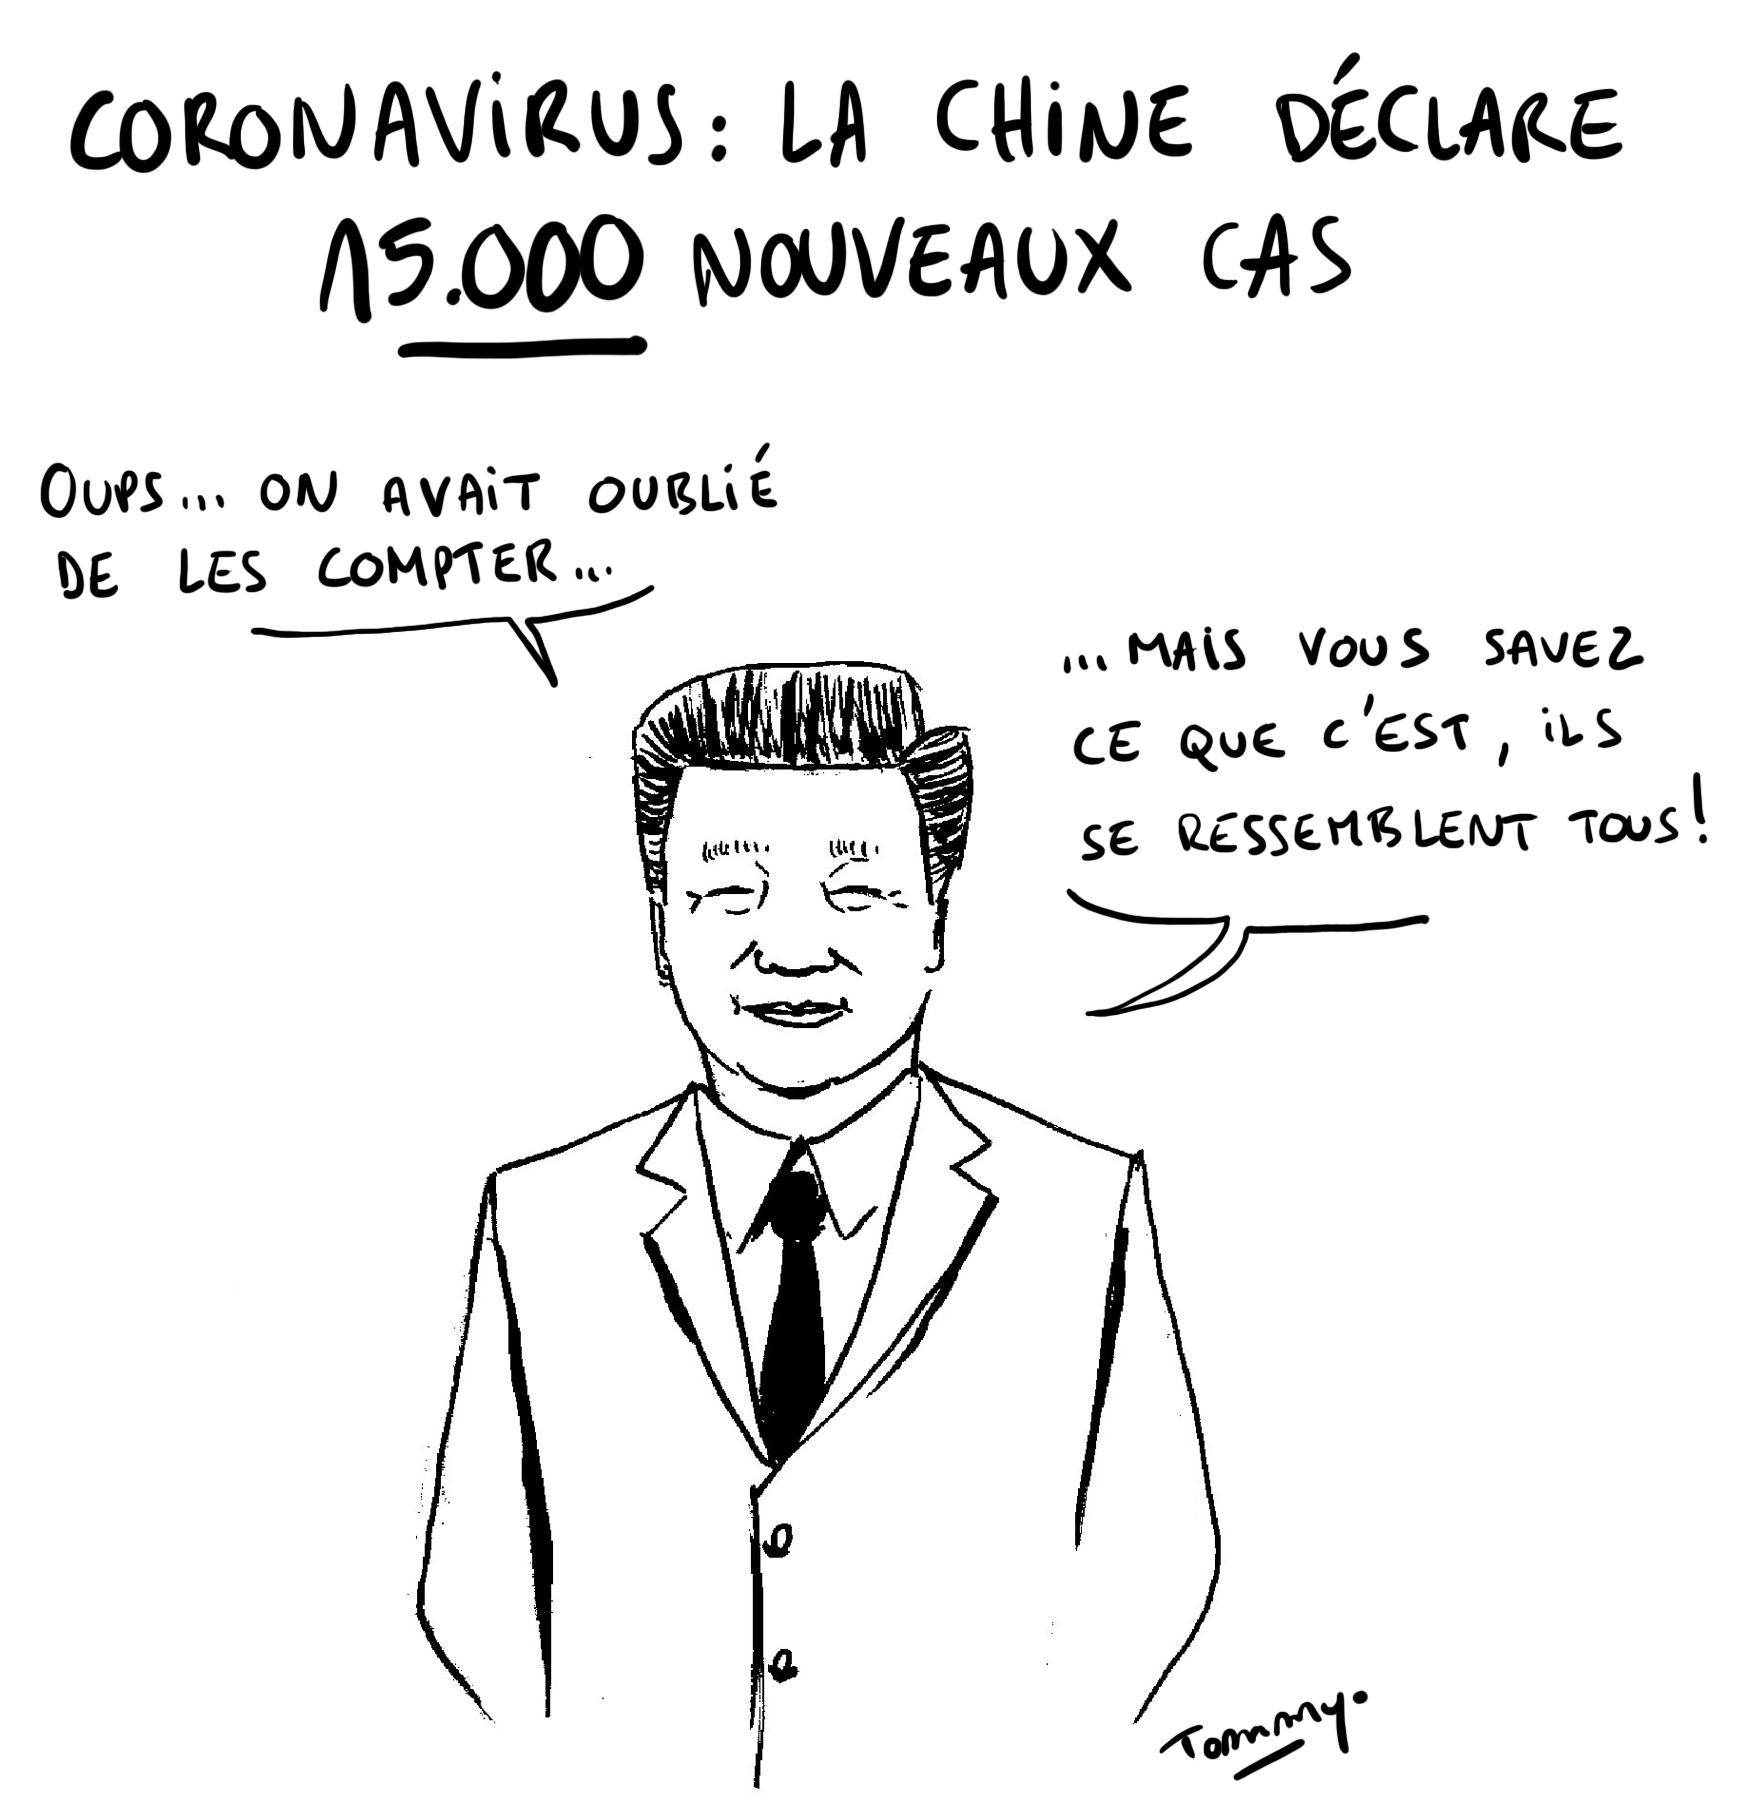 Coronavirus : 15.000 nouveaux cas !